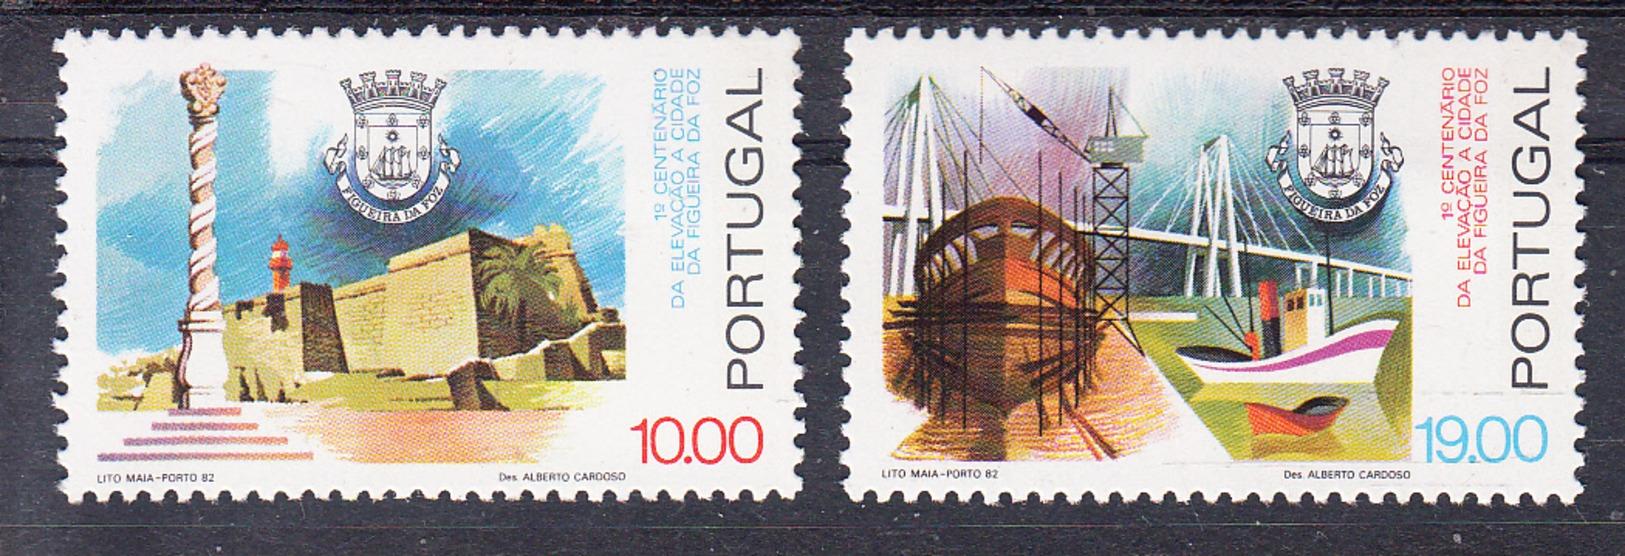 PORTUGAL 1982 .AFINSA. Nº1559/60 CENTENARIO FIGUEIRA DA FOZ CIDADE NUEVO SIN CHARNELA .SES461GRANDE - 1910-... República